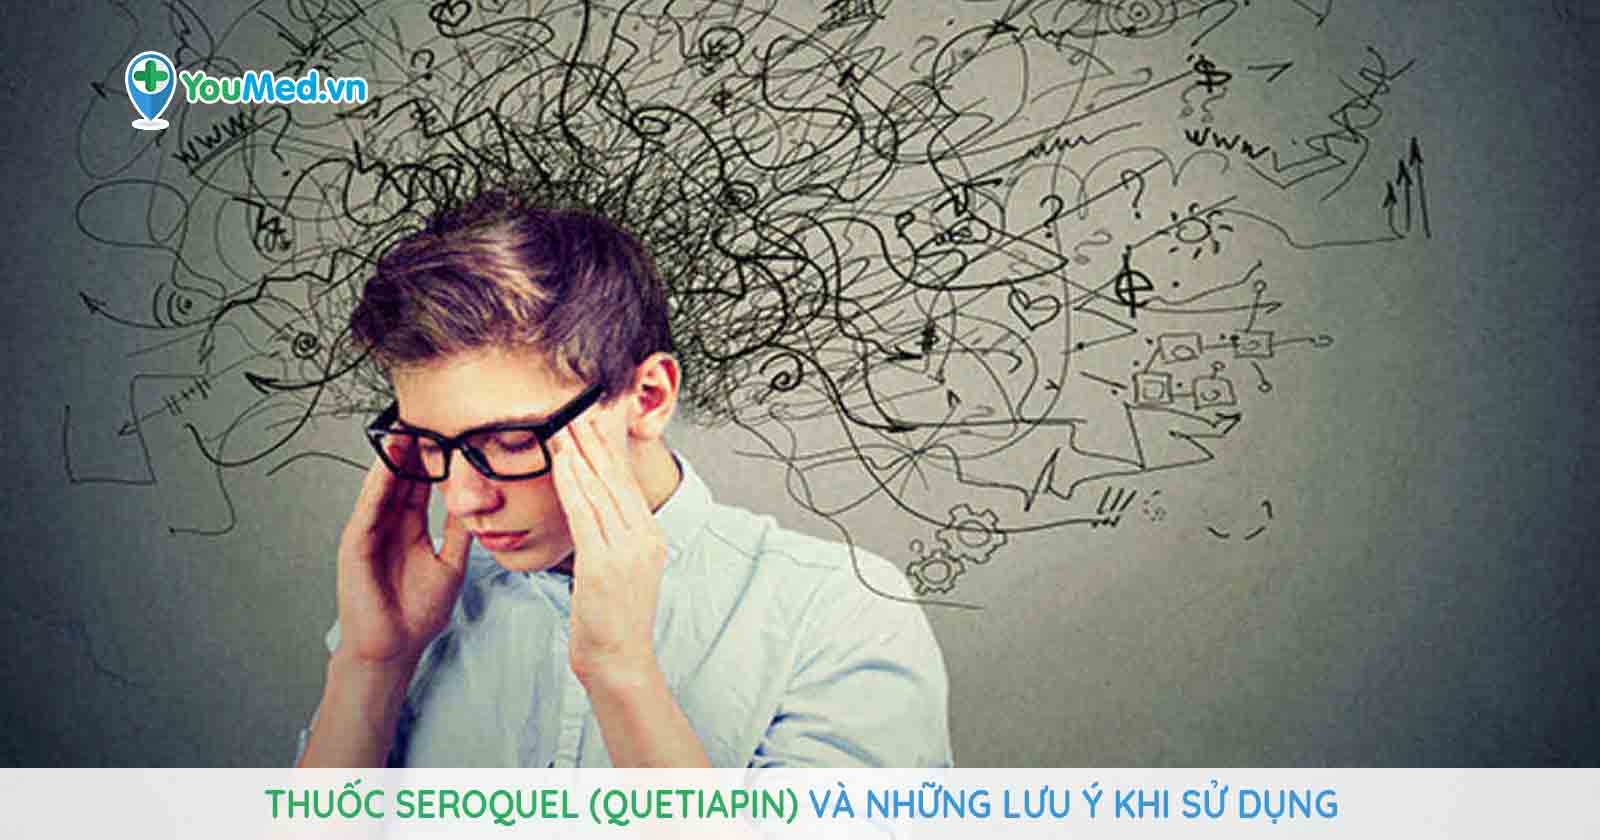 Thuốc Seroquel (quetiapin) và những lưu ý khi sử dụng